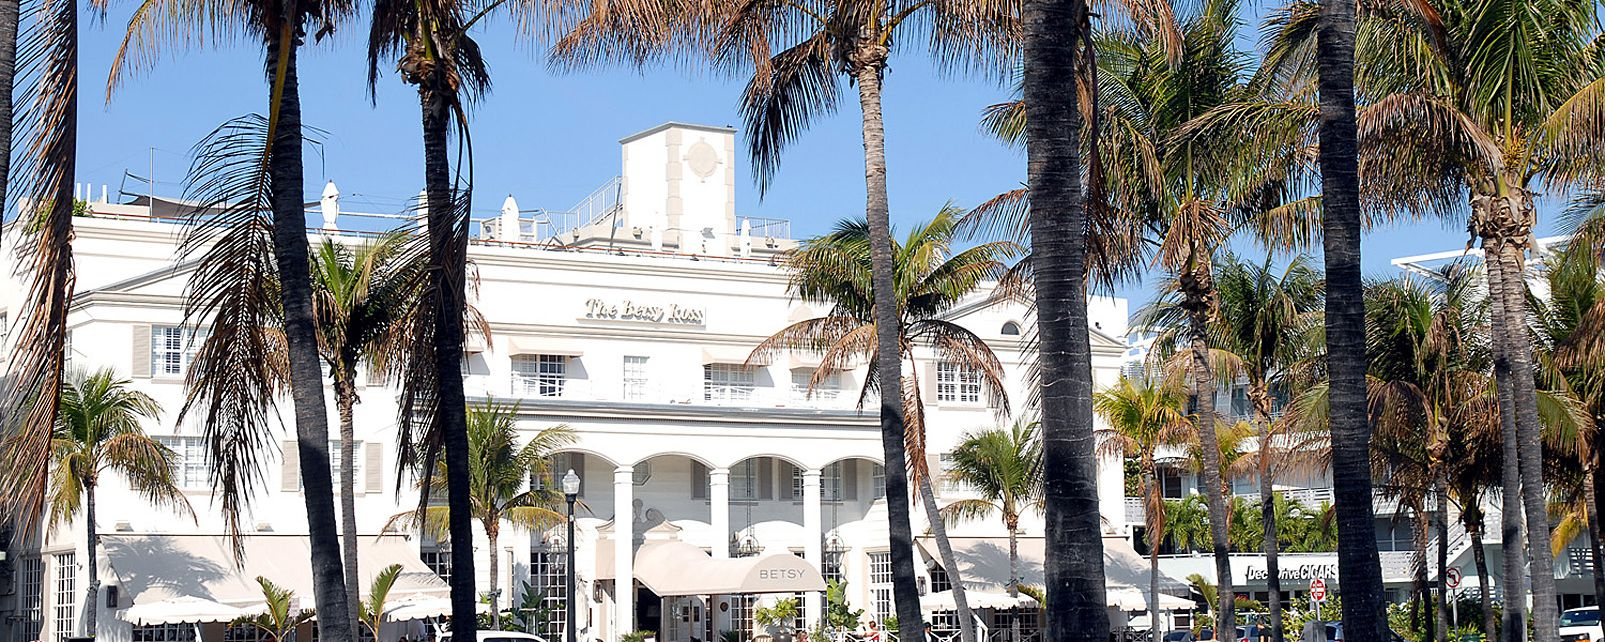 Hotel The Betsy